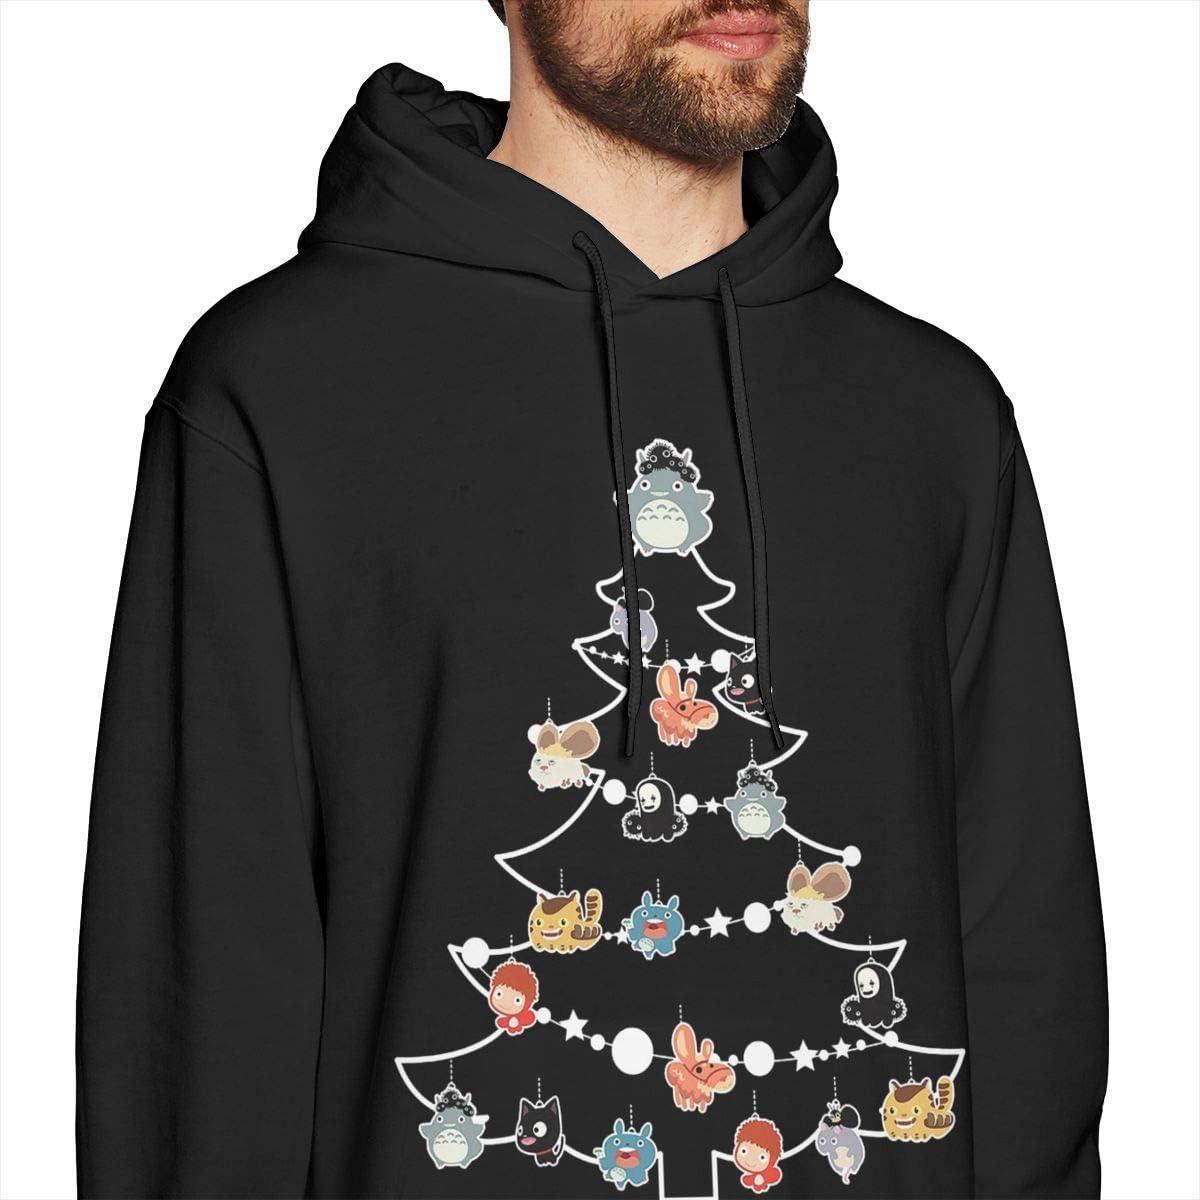 Dragon Ball Z Weihnachtskranz Muster Herren Pullover Hoodies Rundhals-Sweatshirt mit Rundhalsausschnitt Schwarz Xxx-large|style3